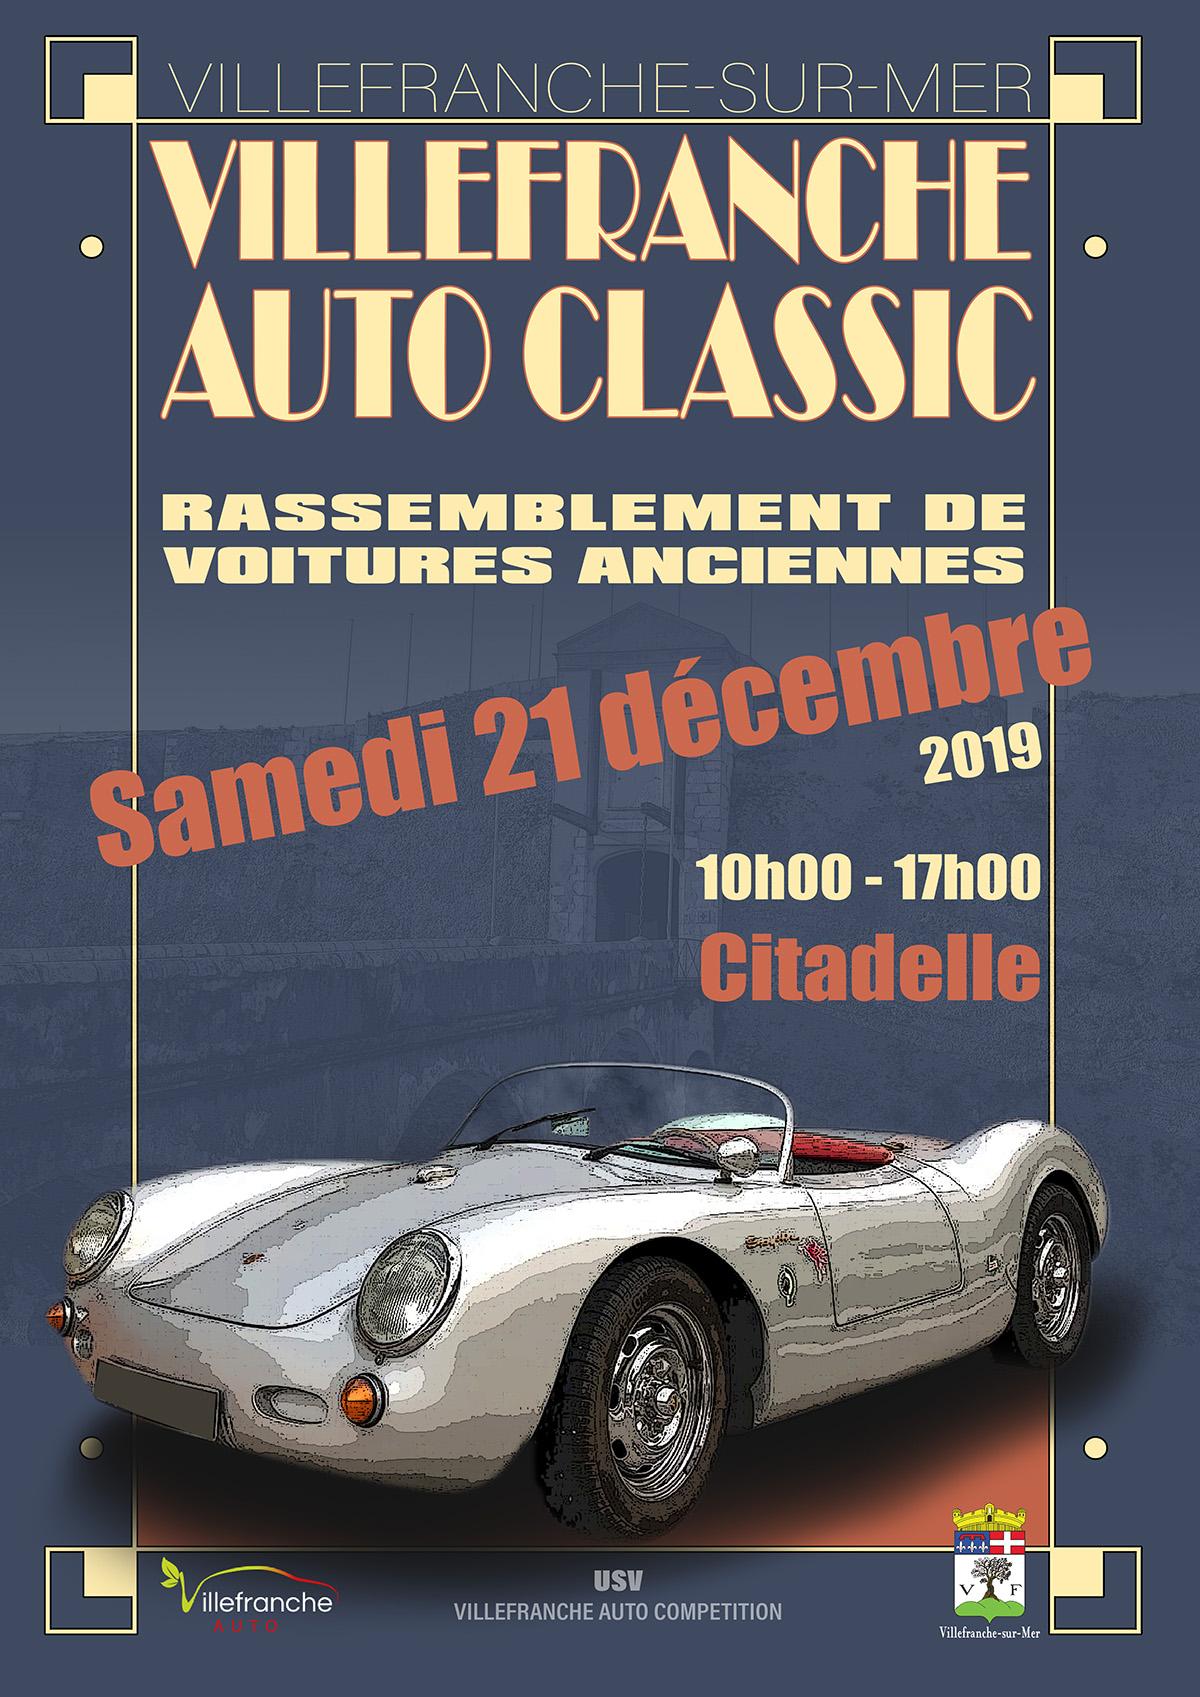 VILLEFRANCHE AUTO CLASSIC - Rassemblement de voitures anciennes @ Citadelle Saint-Elme